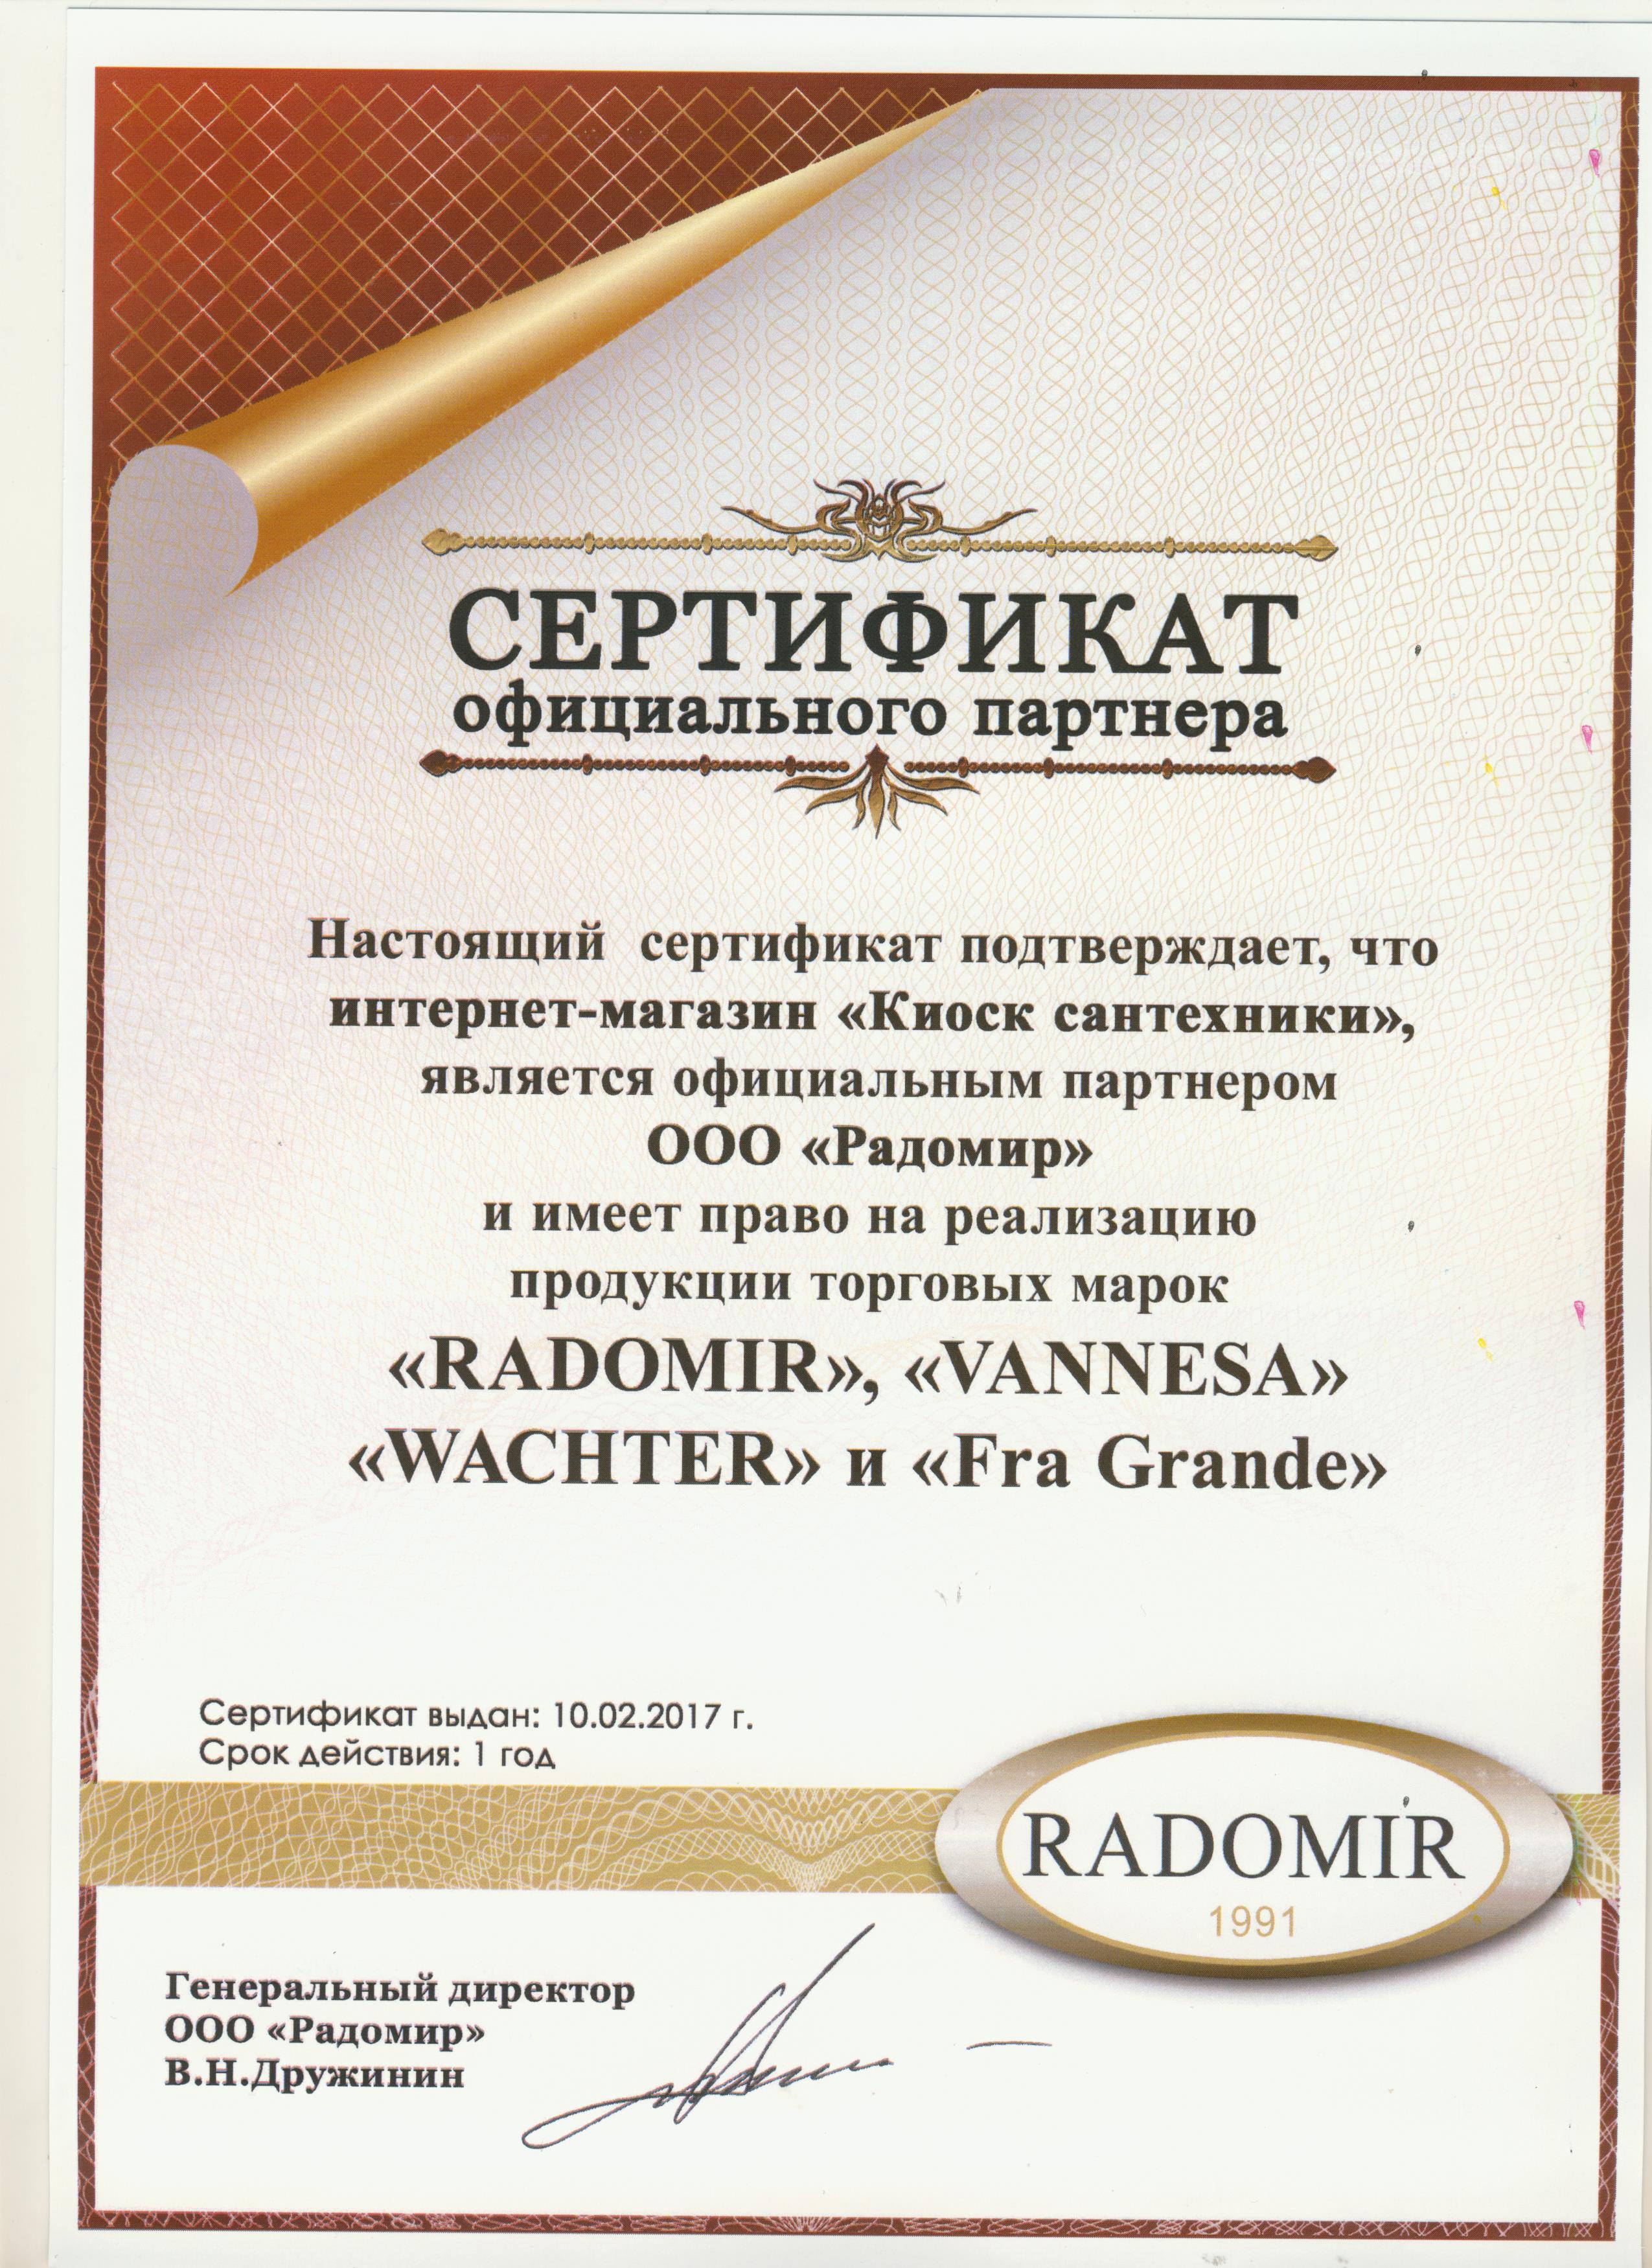 Фото 3954: Душевое ограждение Радомир FRA GRANDE 120 Лоренцо Великолепный Chrome